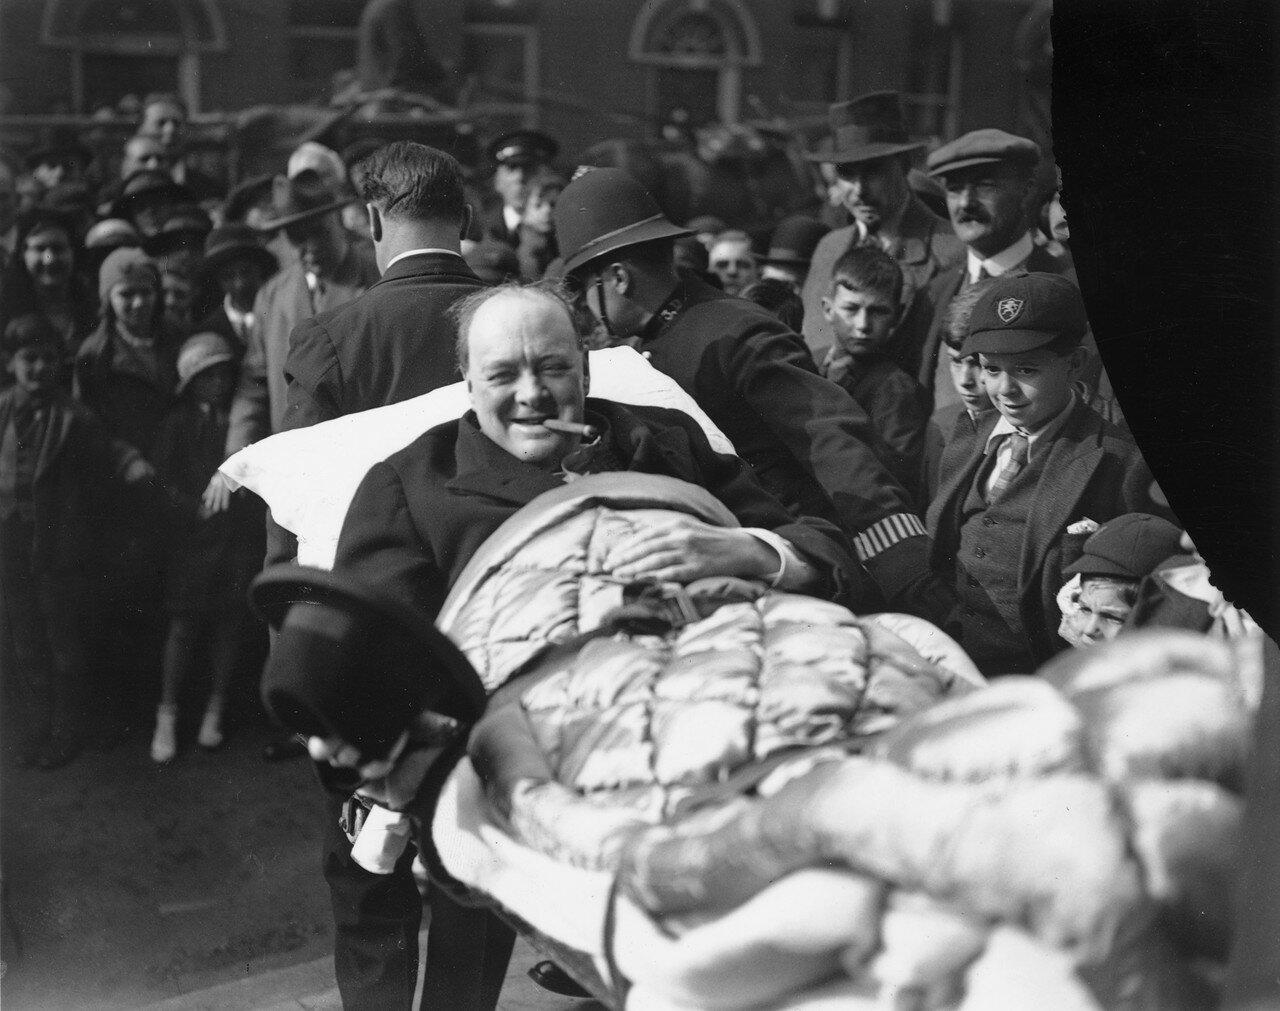 1931. Уинстона Черчилля переносят на носилках в дом после того как его сбила машина. Нью-Йорк